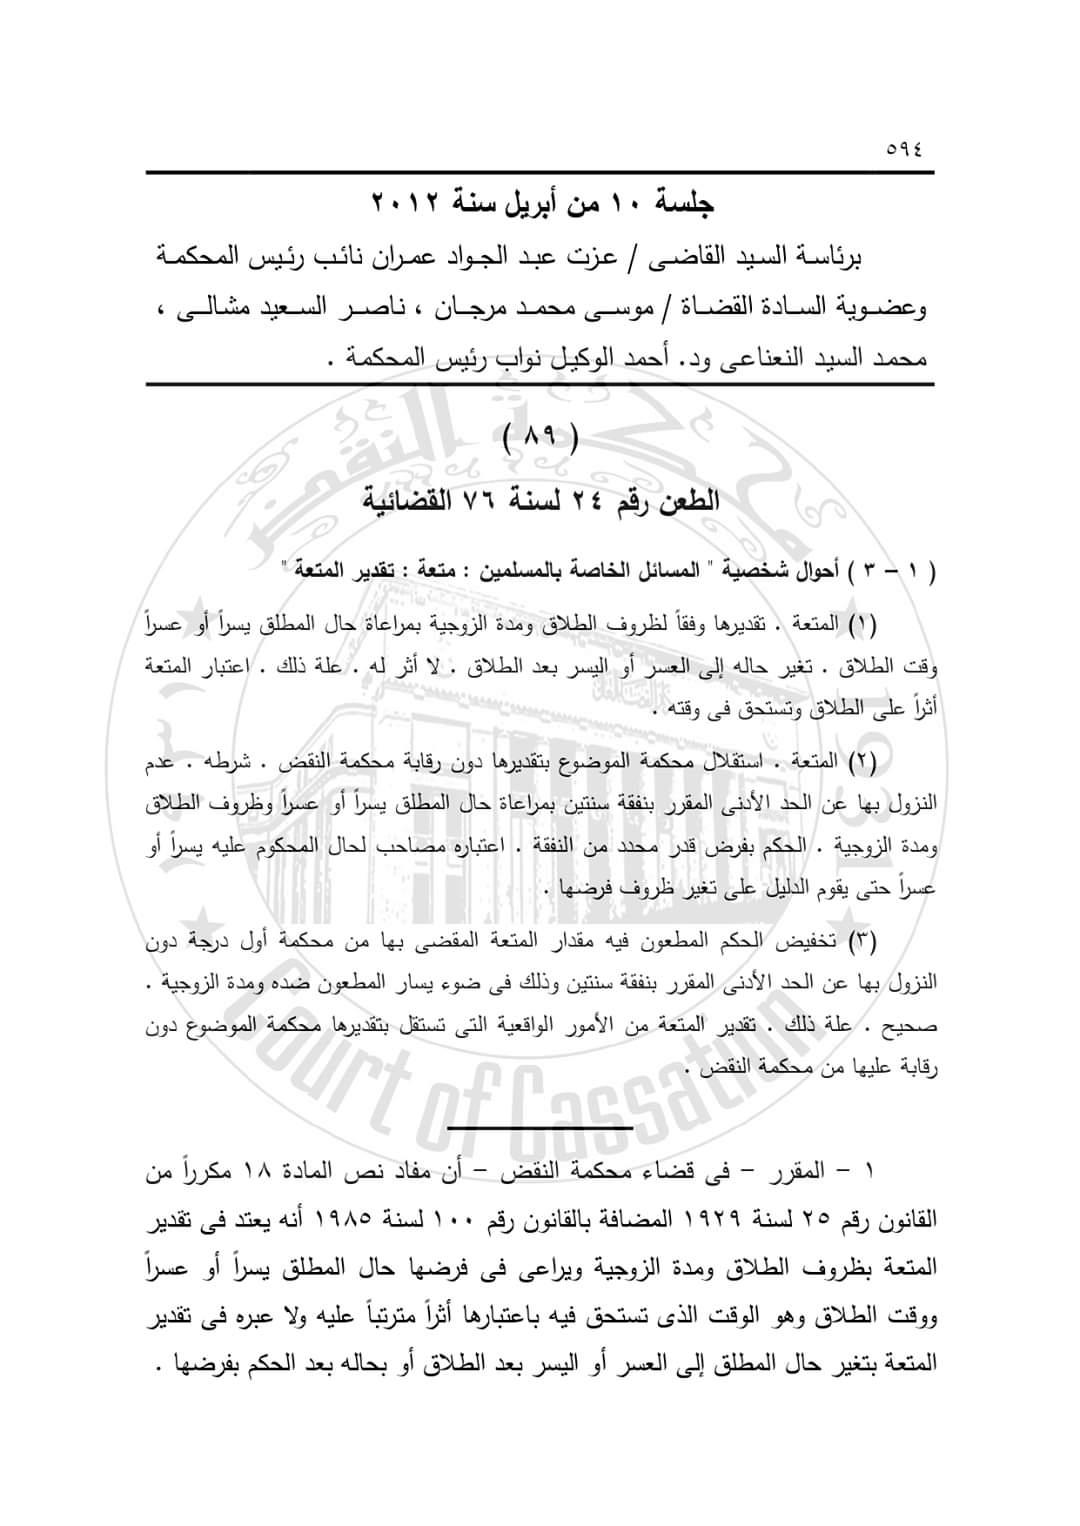 موسوعه القانون المصري تقدير نفقه المتعه بقدره ويسار الزوج وقت الطلاق وليس قبل ذلك